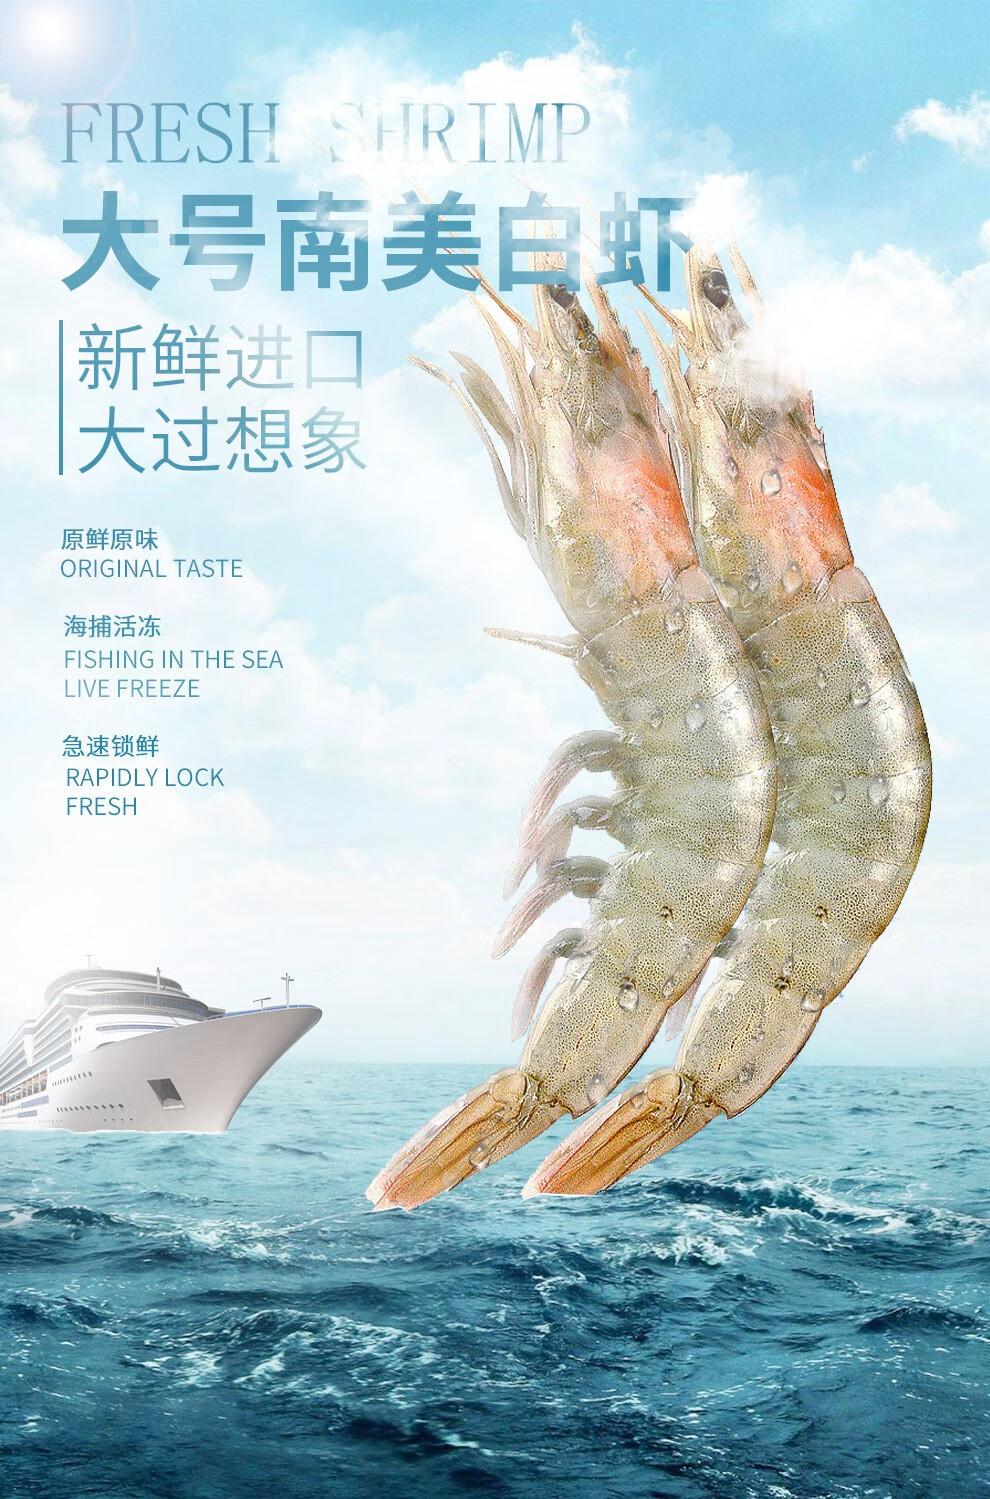 浓鲜时光海捕虾大号白虾冻虾船冻生鲜虾类基围虾13-18cm海鲜水产白虾青虾对虾每袋 (升级款两袋装)净重700g(只只分离)